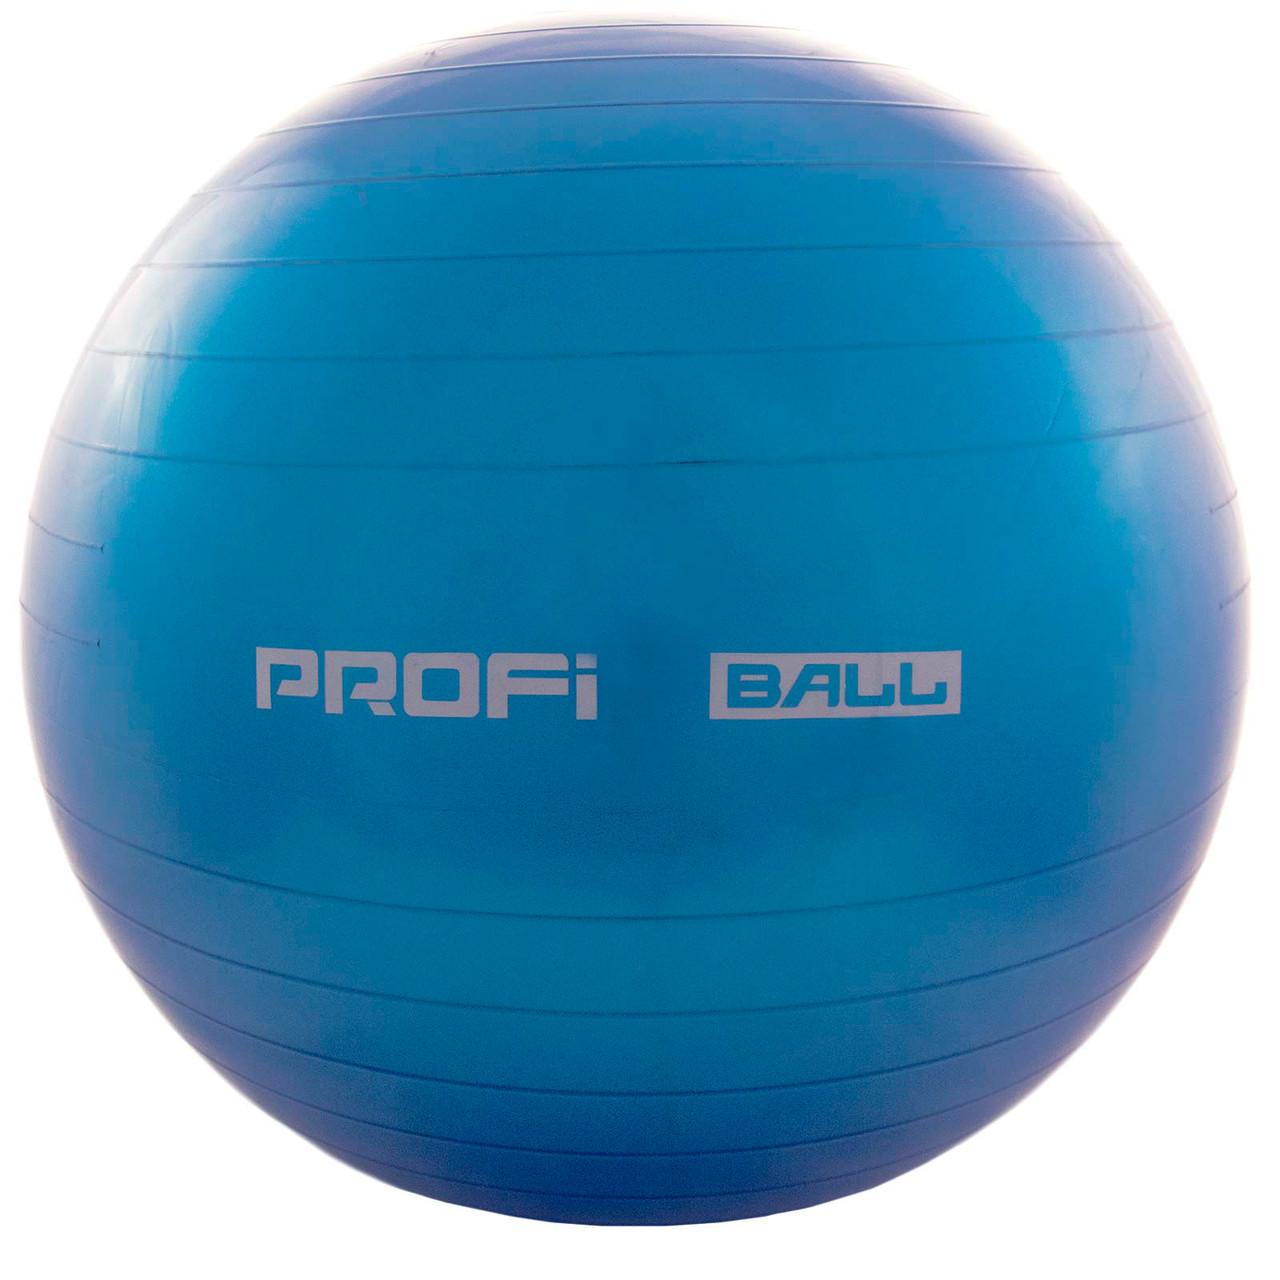 Дитячий м'яч для фітнесу (фітбол) 85 см (глянець, в пакеті) Profi (MS 0384) Блакитний